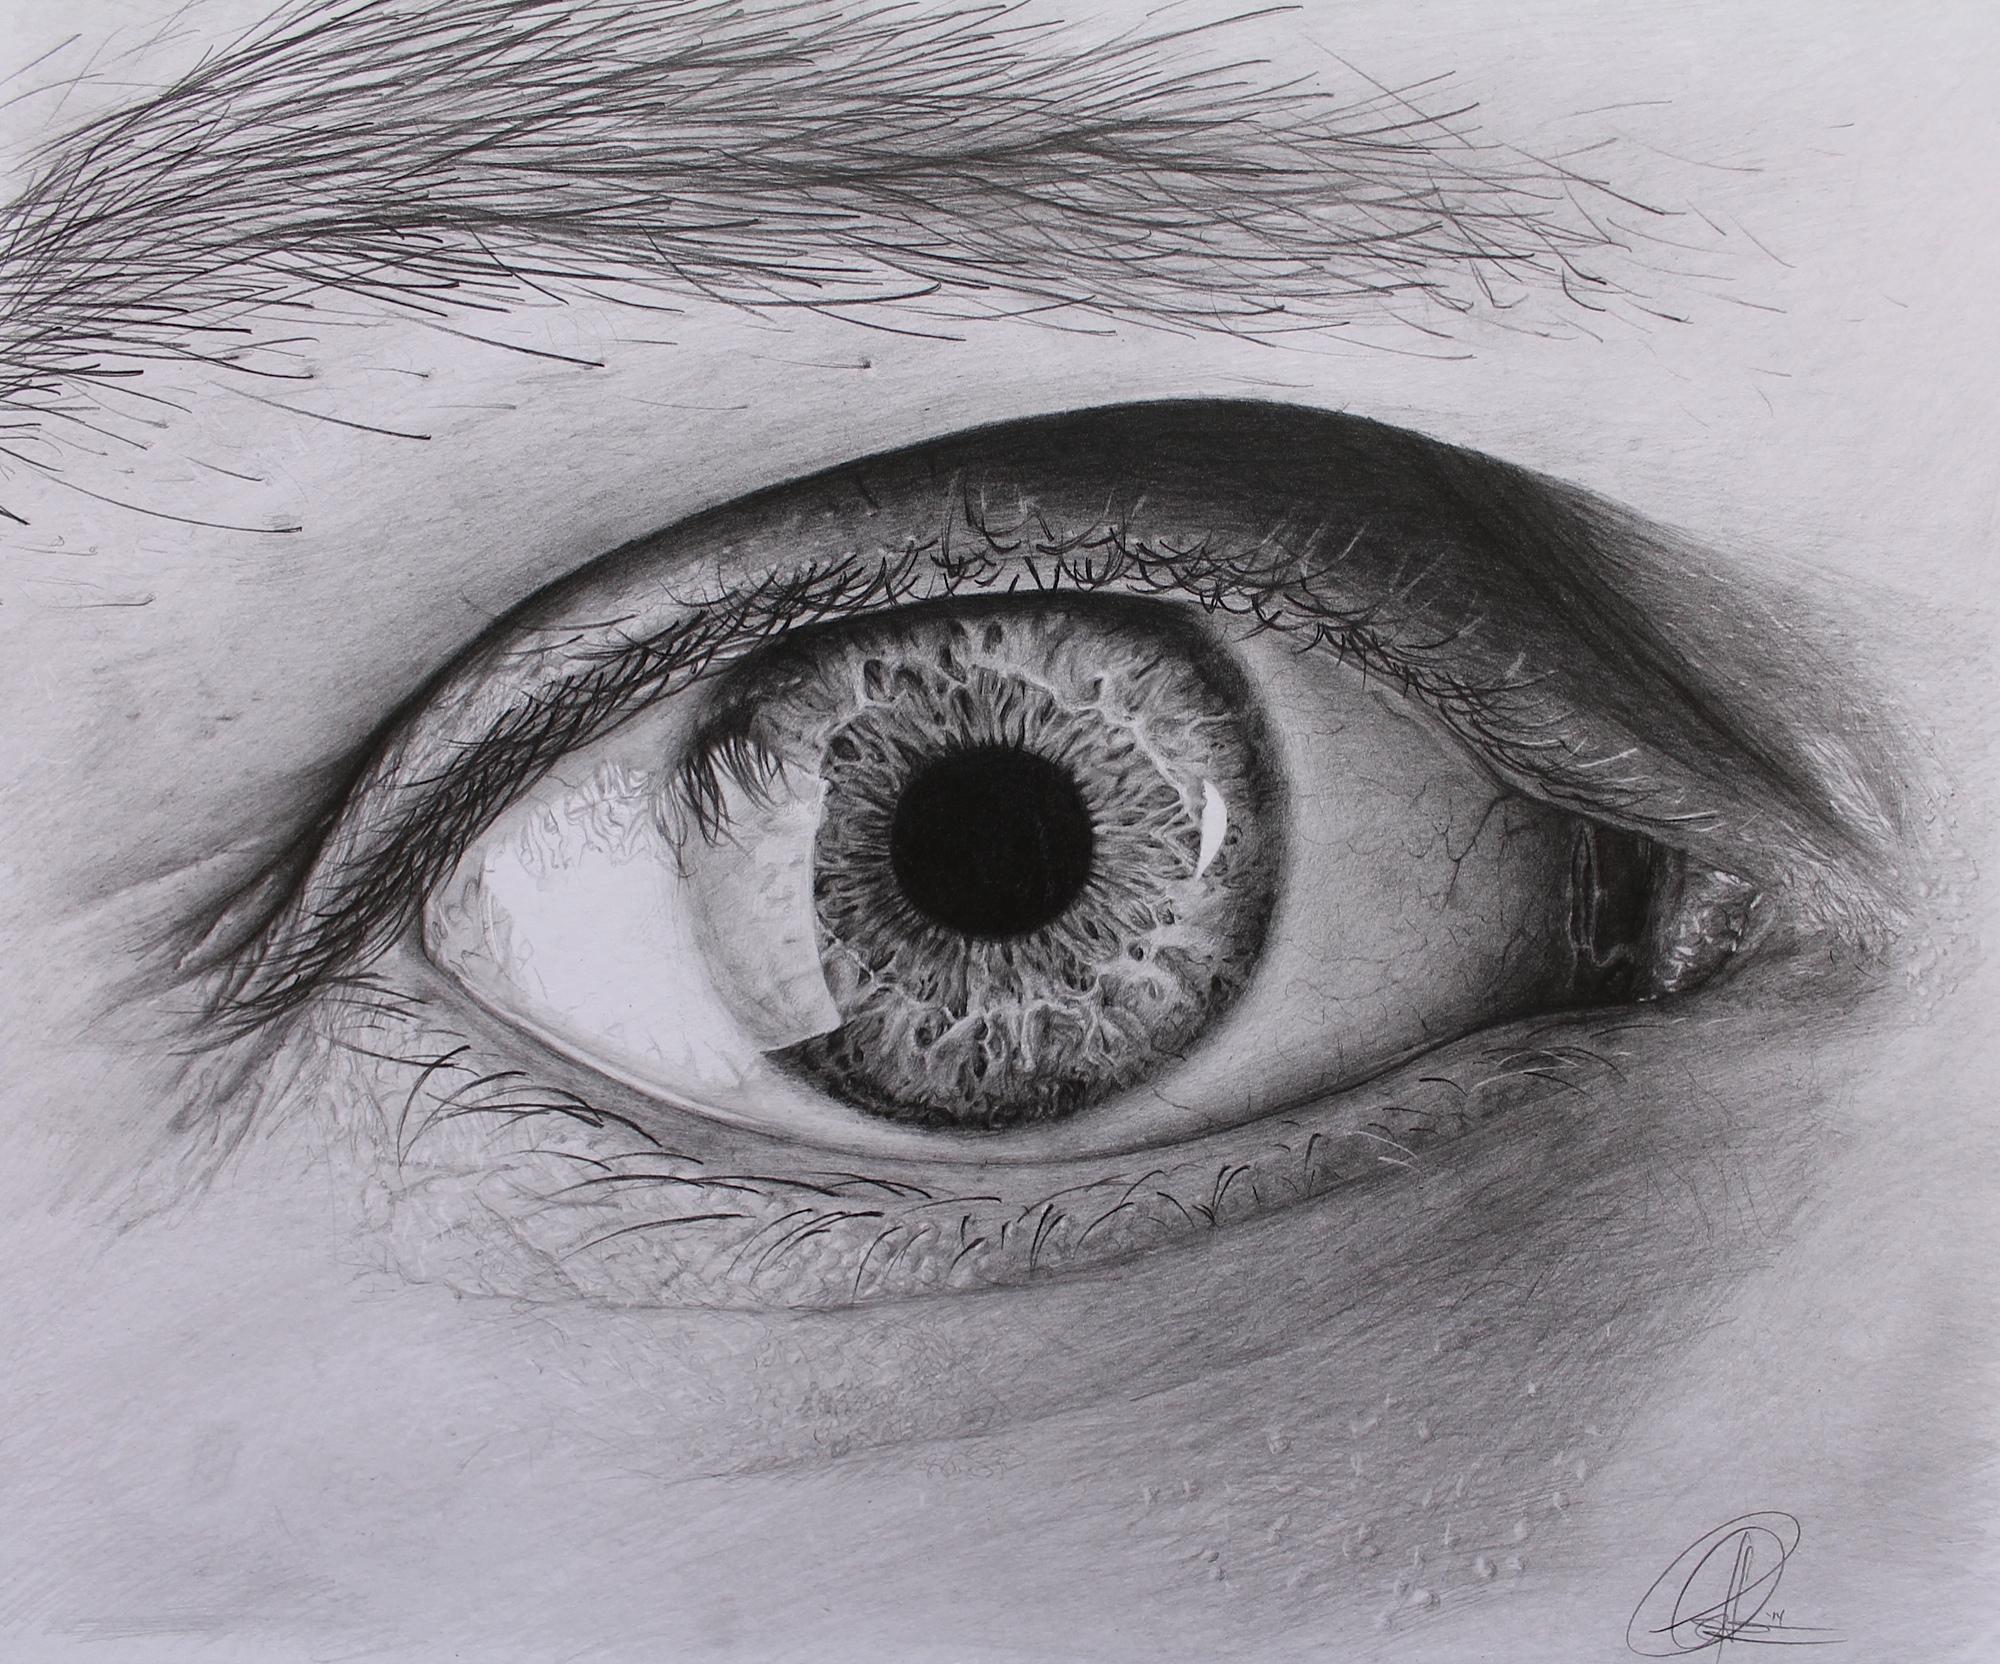 Drawn eyeball black and white Drawn Eye A White Wallpaper